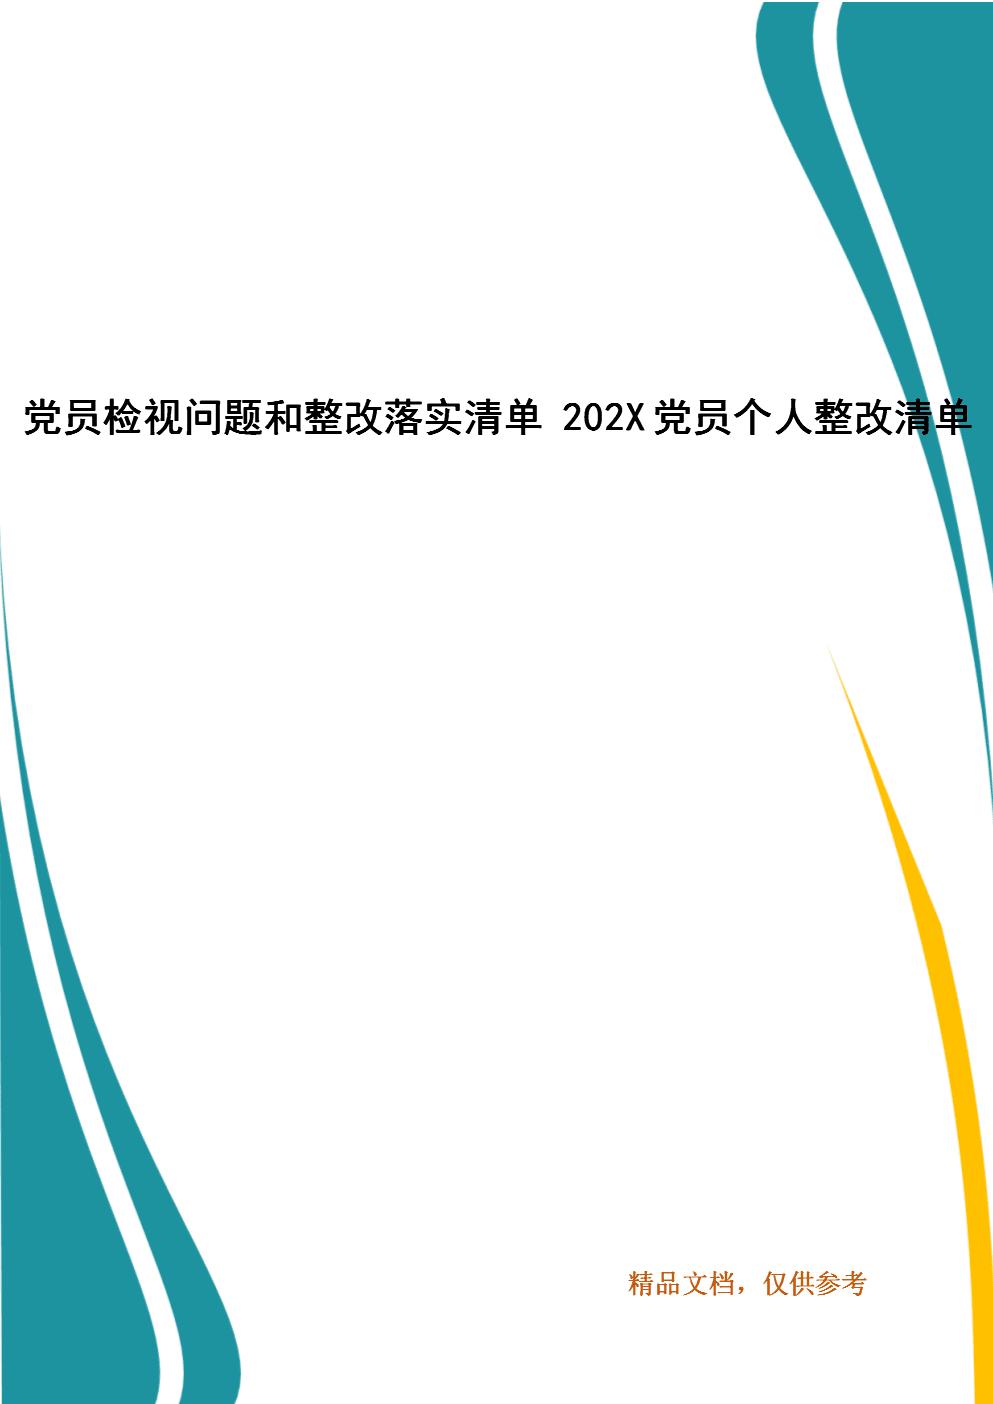 党员检视问题和整改落实清单 202X党员个人整改清单.docx